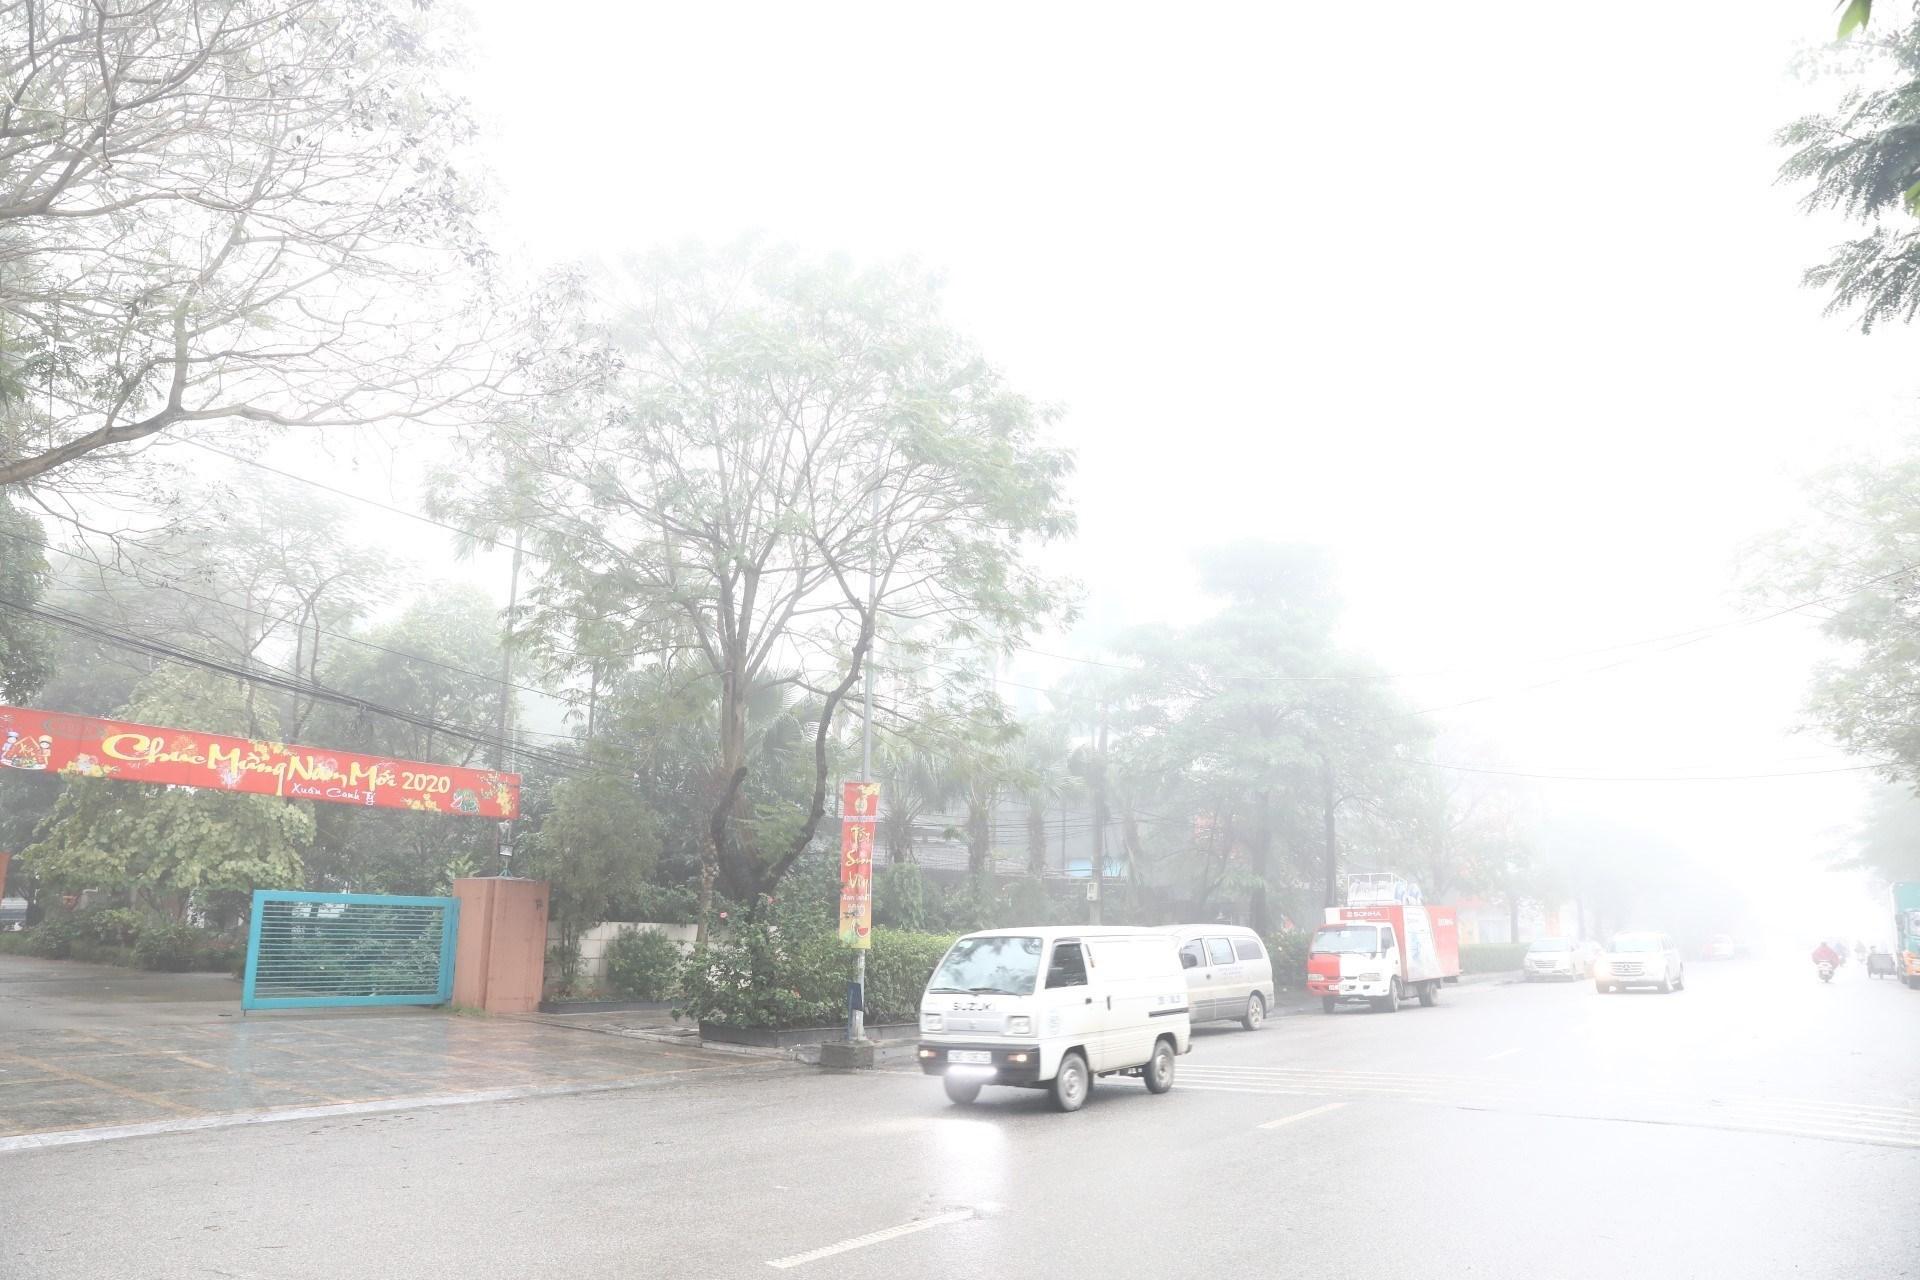 Bắc Bộ trời lạnh, Trung Bộ tiếp tục có mưa